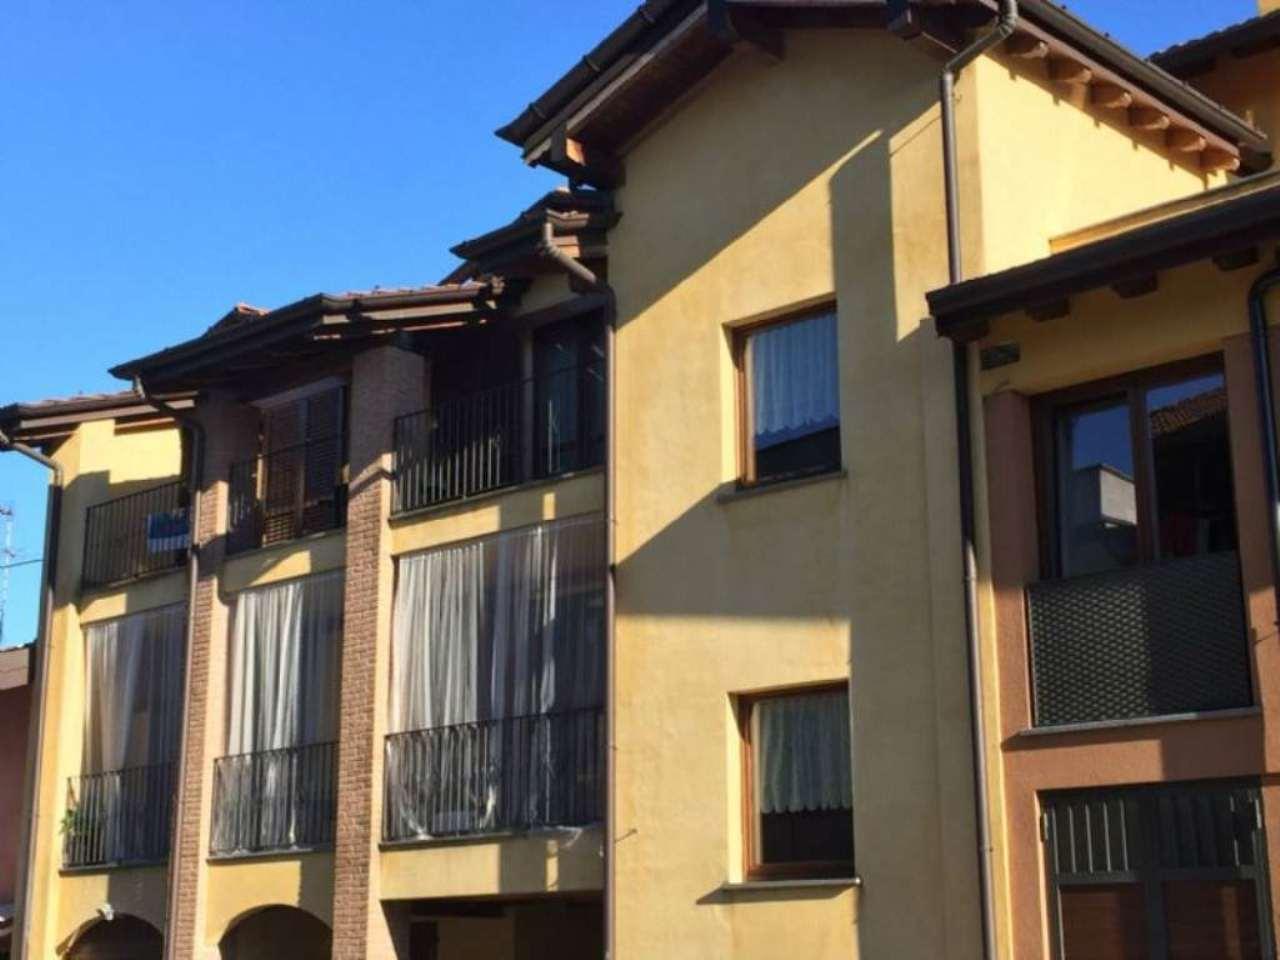 Appartamento in vendita a Castronno, 3 locali, prezzo € 200.000 | Cambio Casa.it